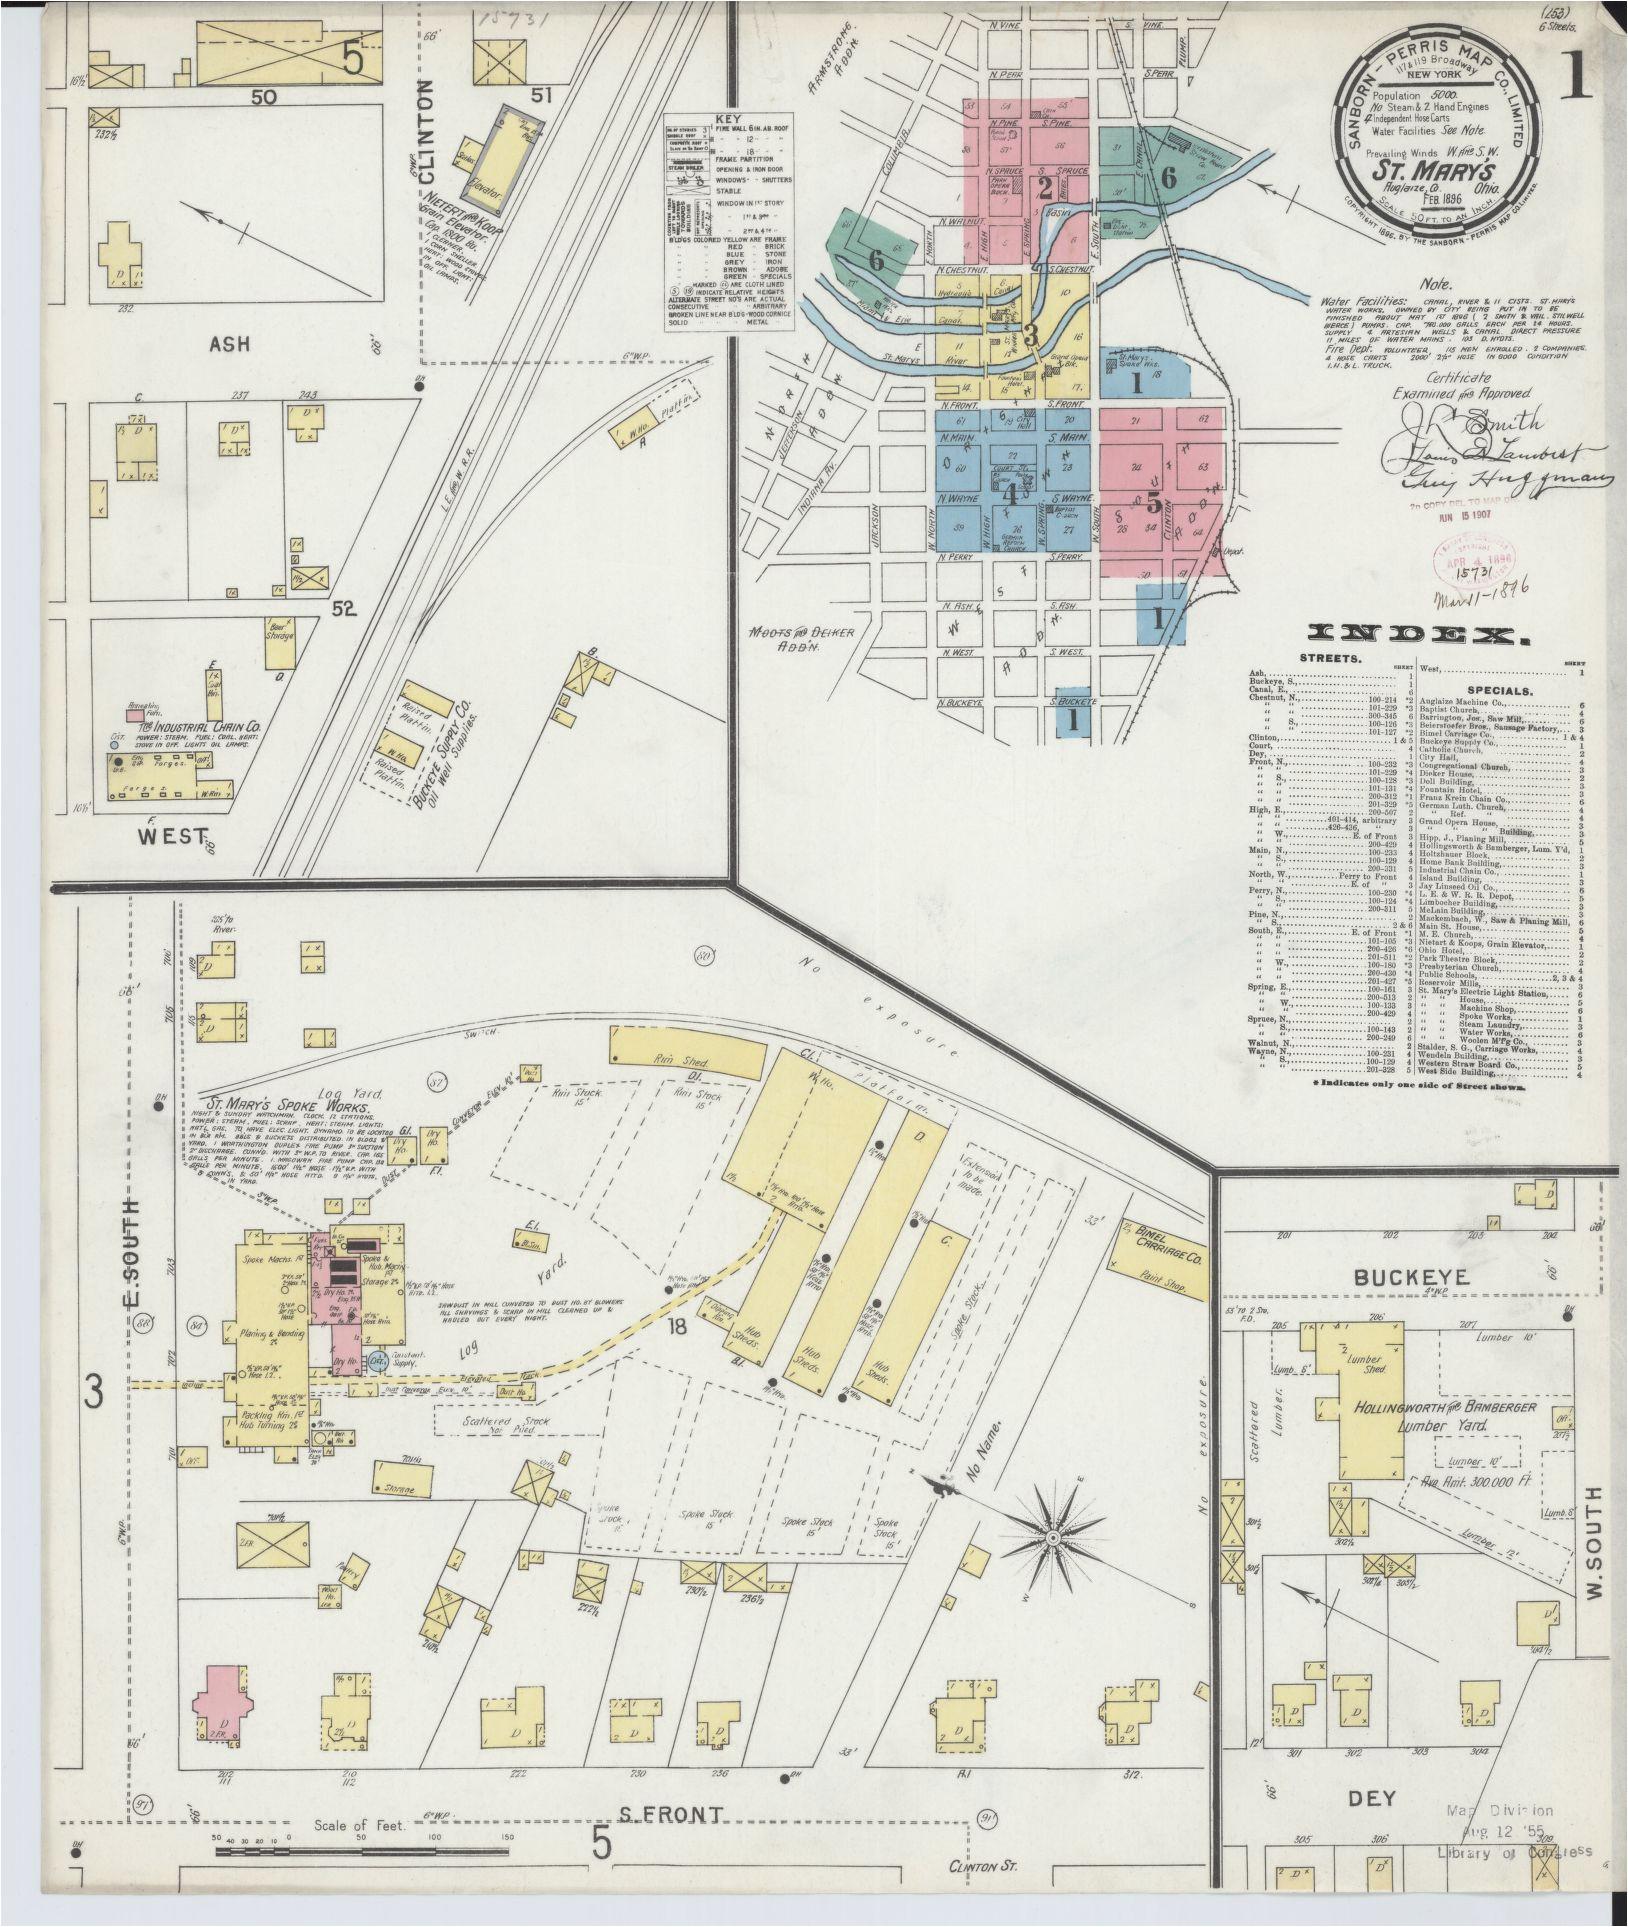 richland county ohio map luxury map ohio ny county map